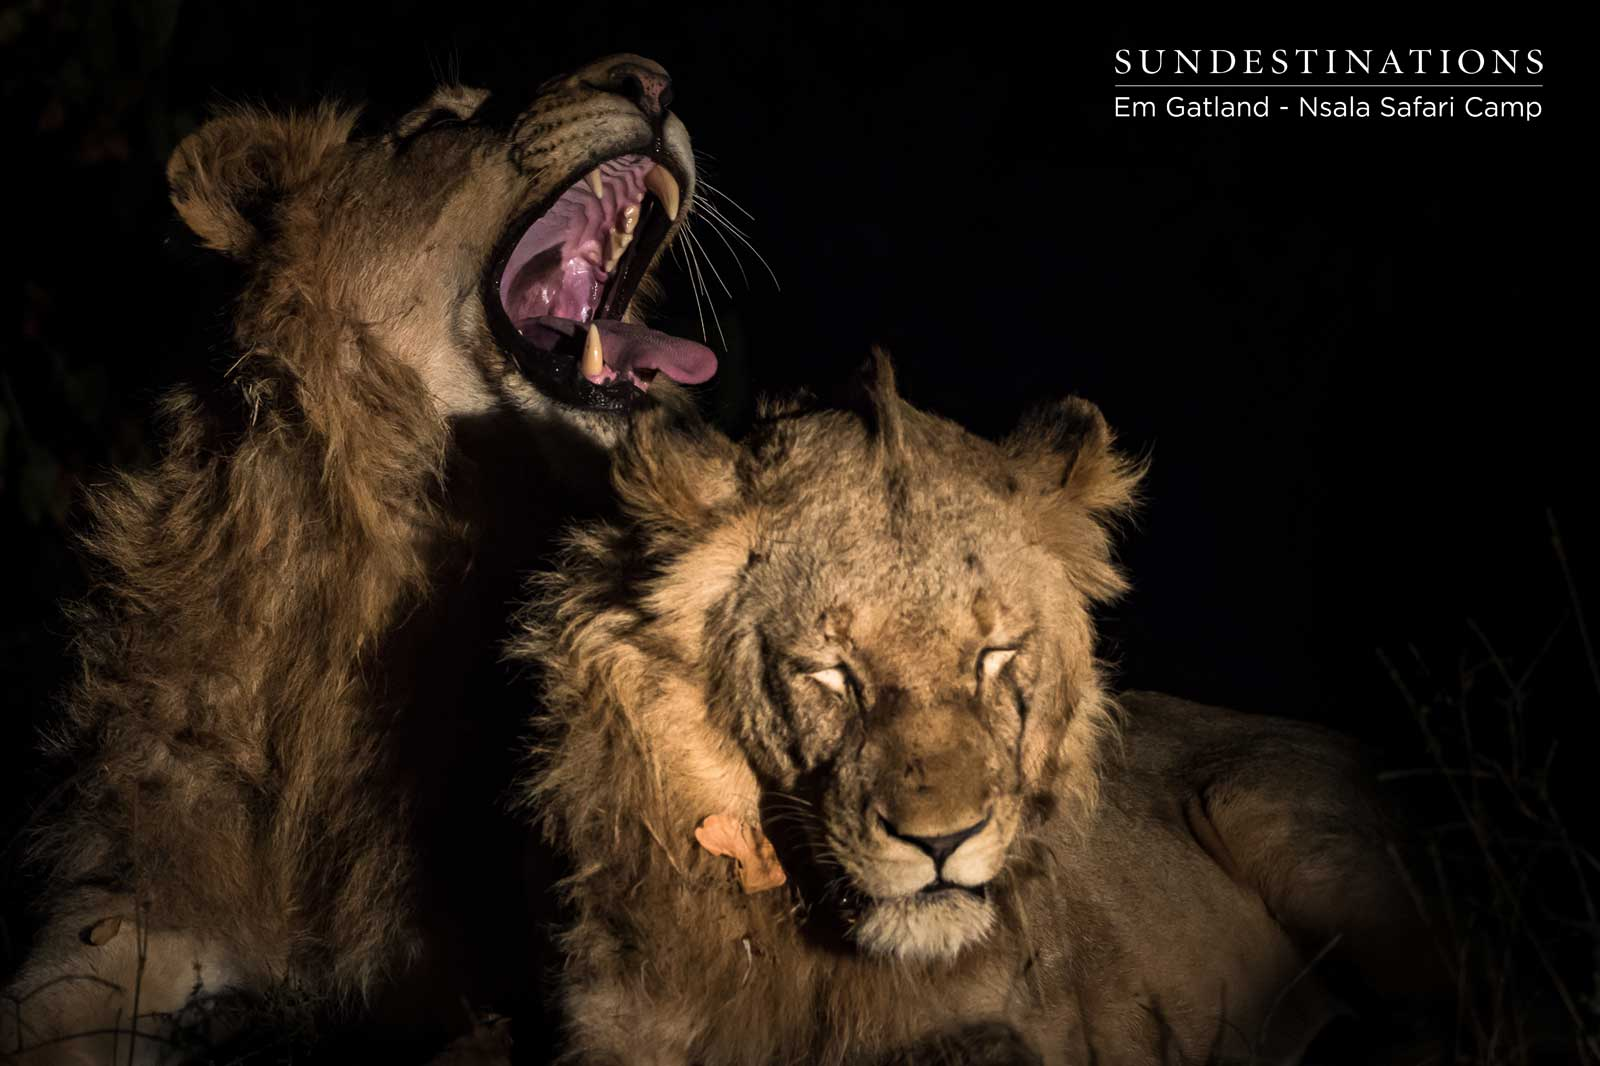 Western Pride of Lions